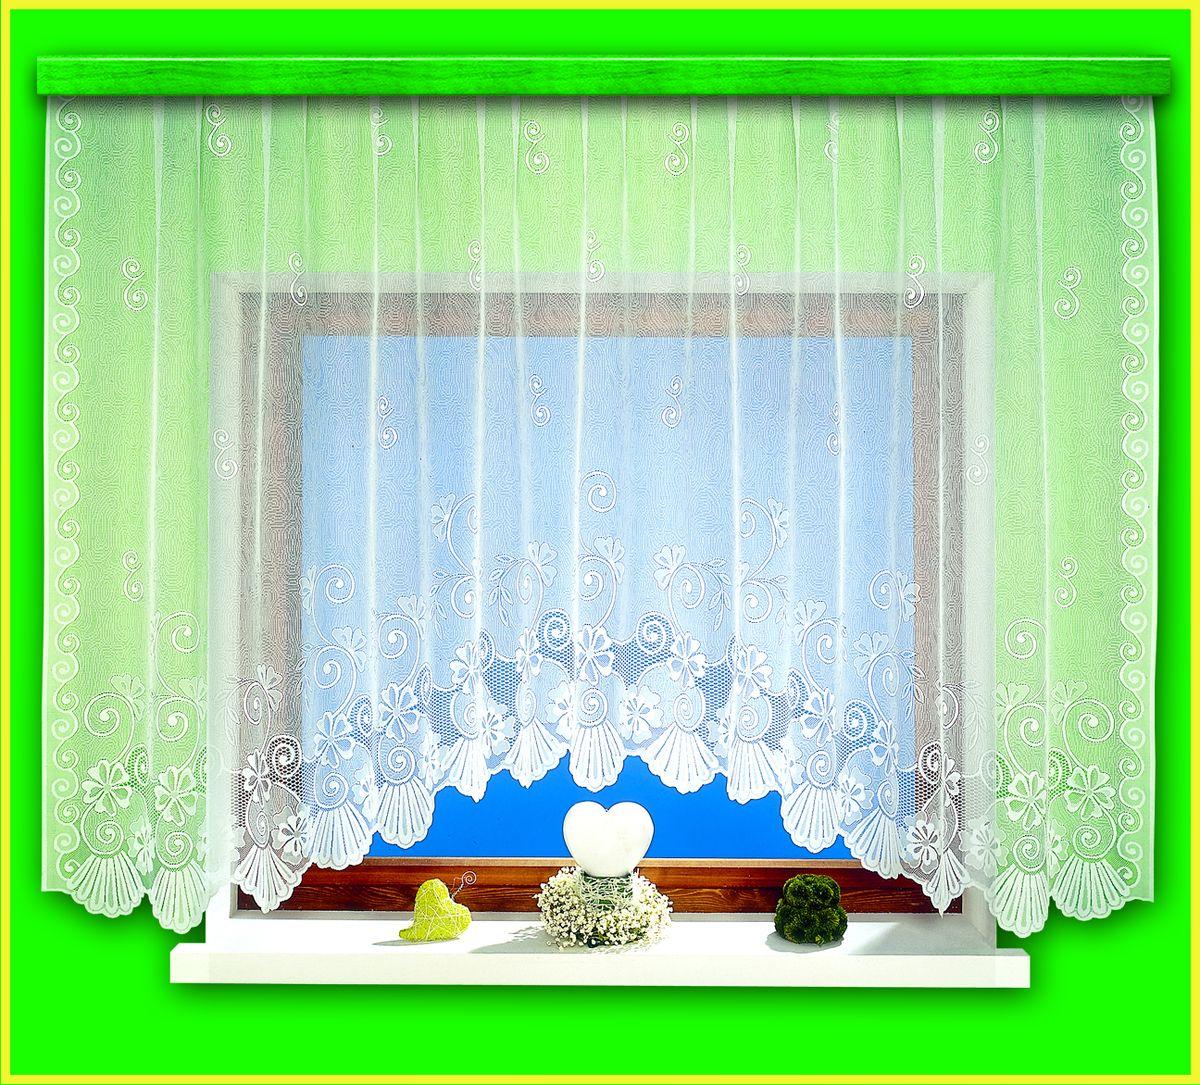 Гардина для кухни Haft Magia Wzorow, на ленте, цвет: белый, высота 160 см. 94090/16094090/160Воздушная гардина Haft Magia Wzorow, изготовленная из полиэстера белого цвета, станет великолепным украшением любого окна. Оригинальный цветочный орнамент, украшающий нижний край гардины, и нежная ажурная фактура материала привлекут к себе внимание и органично впишутся в интерьер комнаты. В гардину вшита шторная лента. Размер гардины: 160 см х 300 см. Главный ассортимент компании Haft - это тюль и занавески. Haft предлагает готовые решения для ваших окон, выпуская готовые наборы штор, которые остается только распаковать и повесить. Модельный ряд отличает оригинальный дизайн, высокое качество. Занавески, шторы, гардины Haft долговечны, прочны, практически не сминаемы, они не притягивают пыль и за ними легко ухаживать. Вся продукция бренда Haft выполнена на современном оборудовании из лучших материалов.